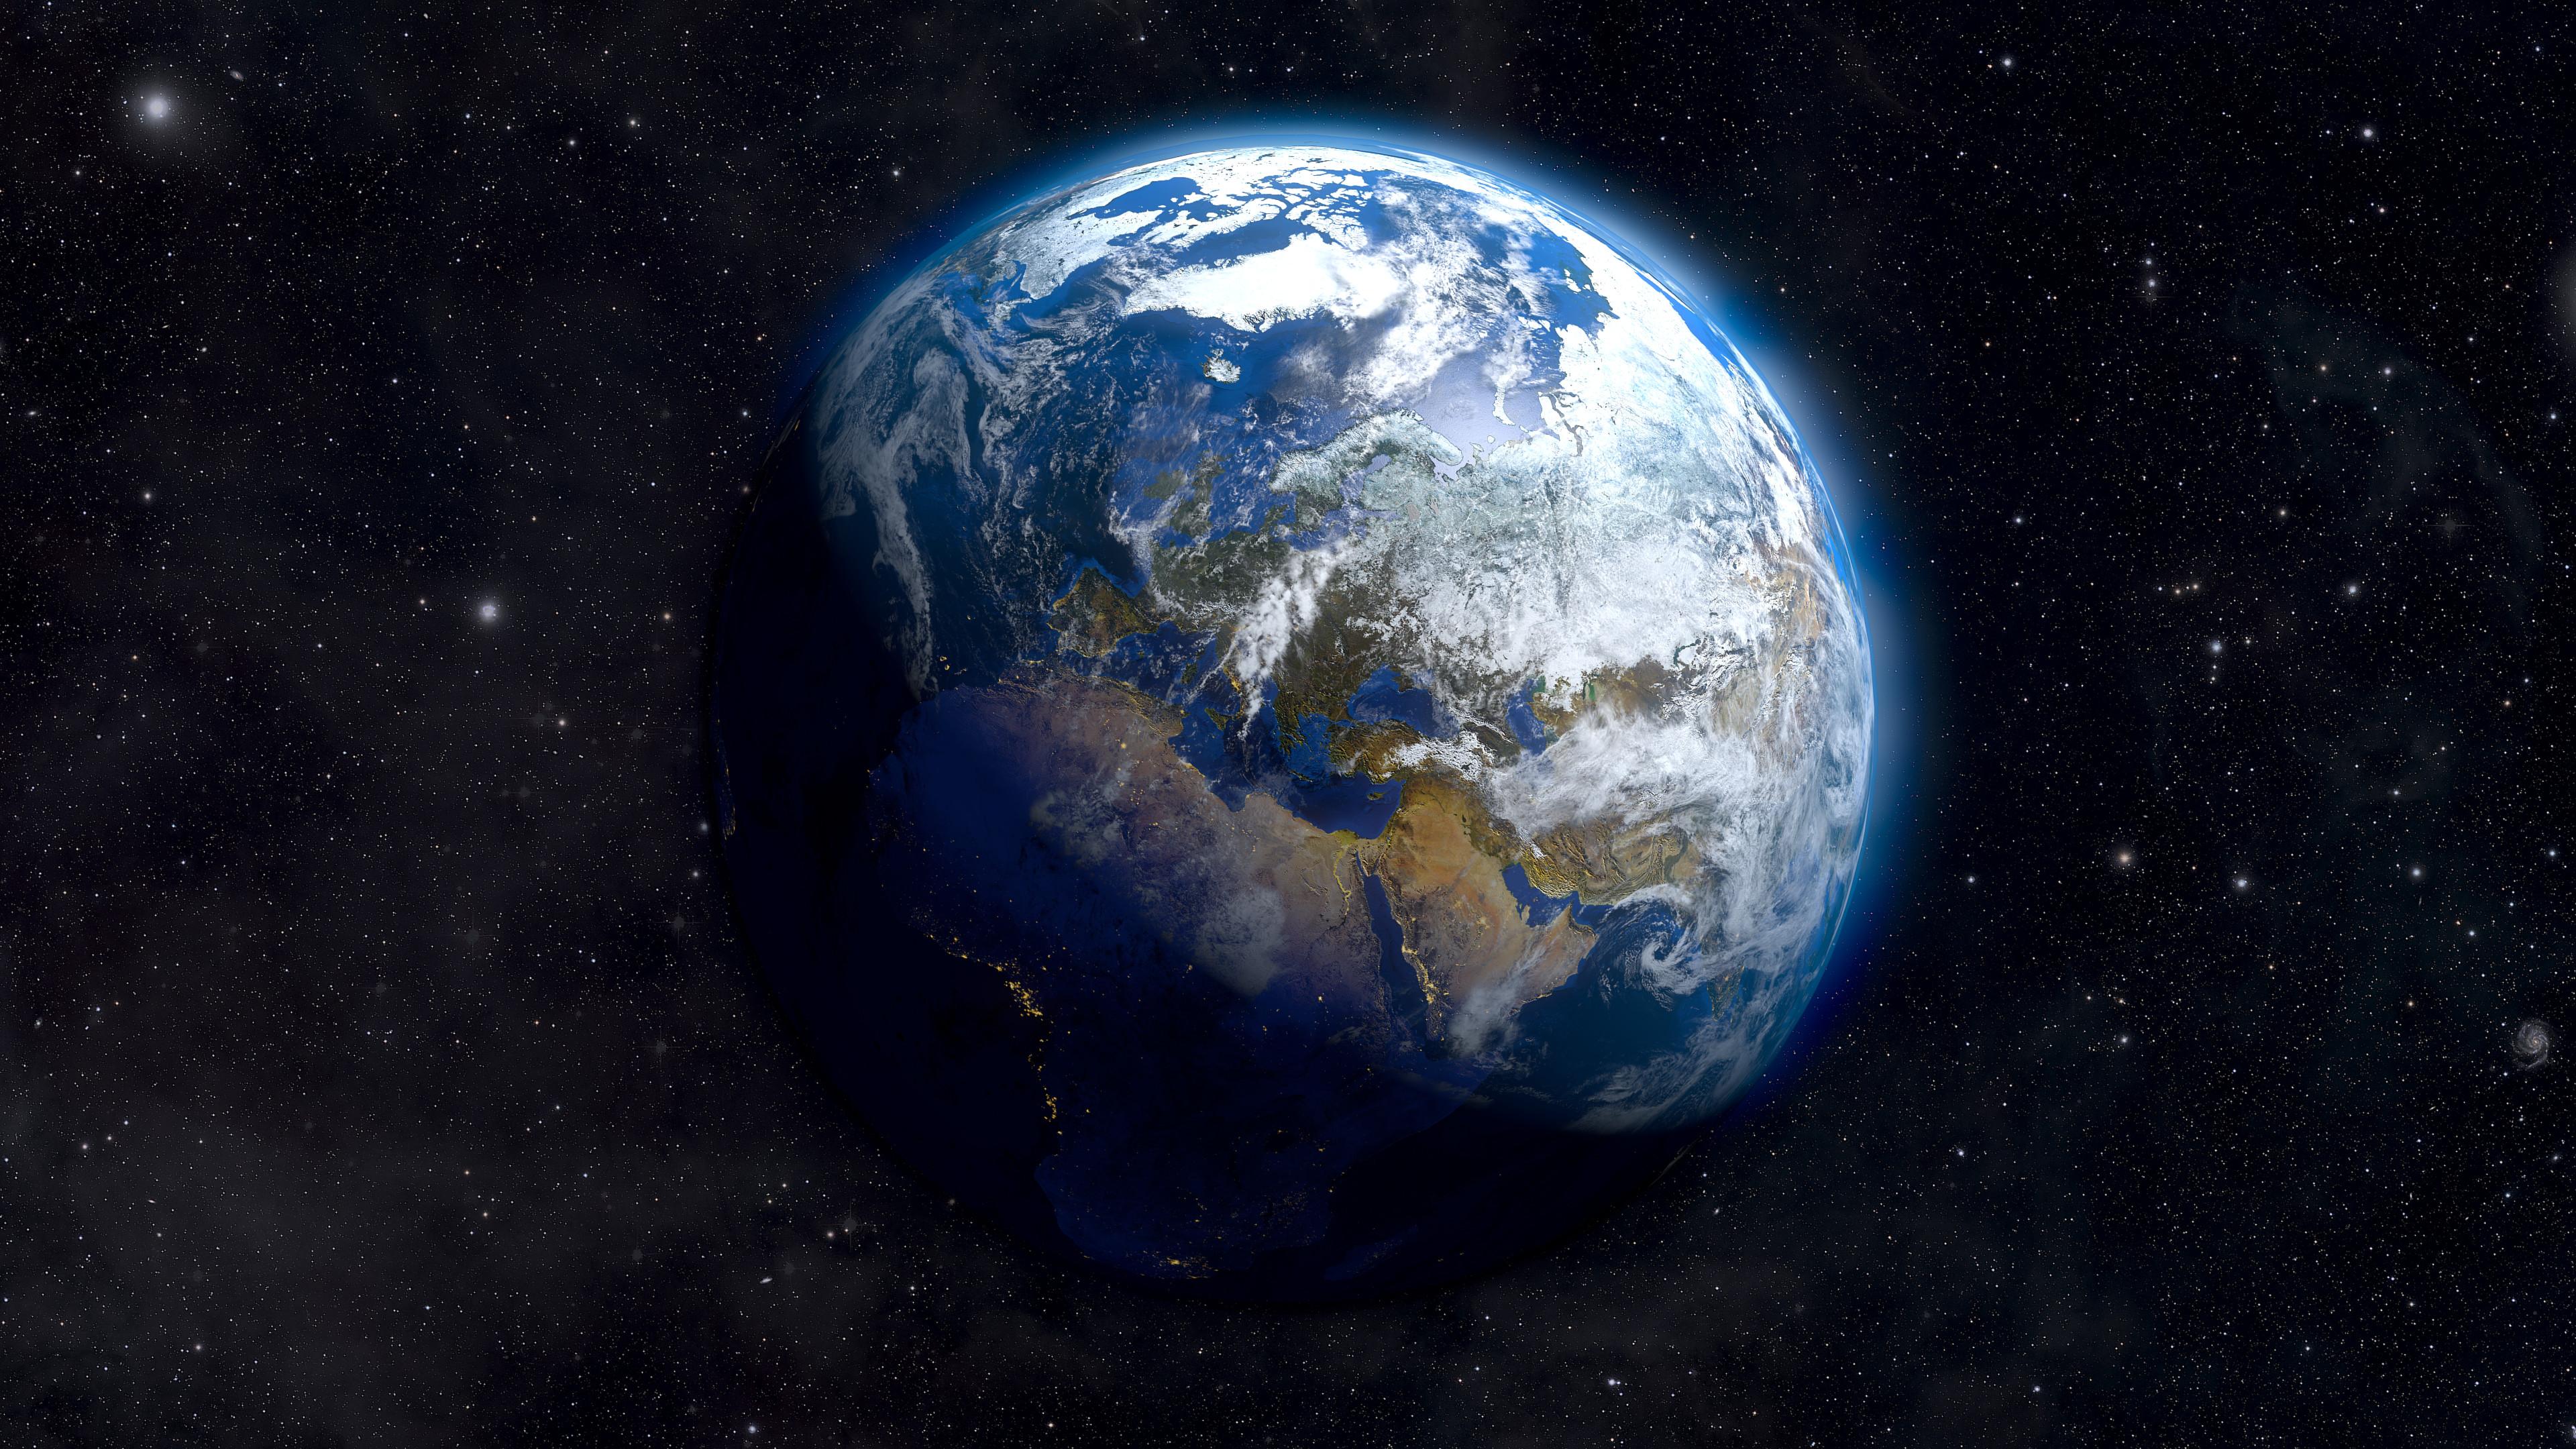 Earth From Space 4K Ultra HD Desktop Wallpaper Uploaded by 3840x2160